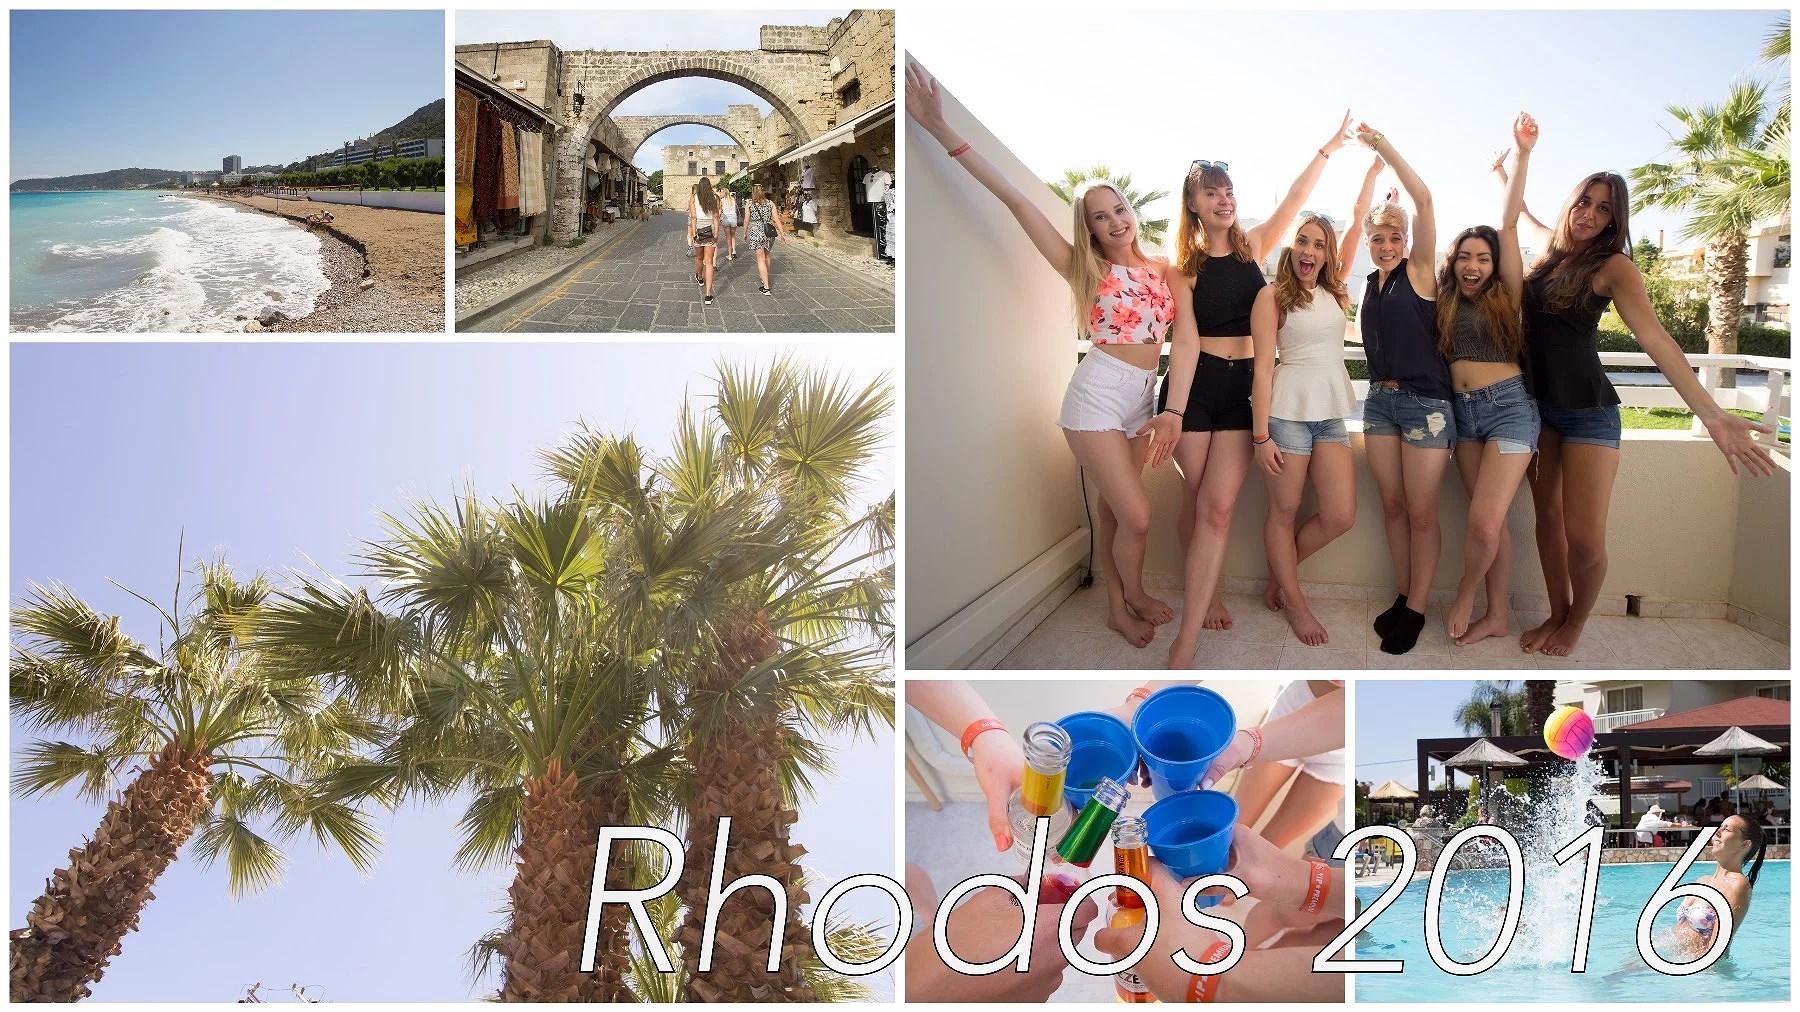 En vecka i Rhodos / Följ mig runt!